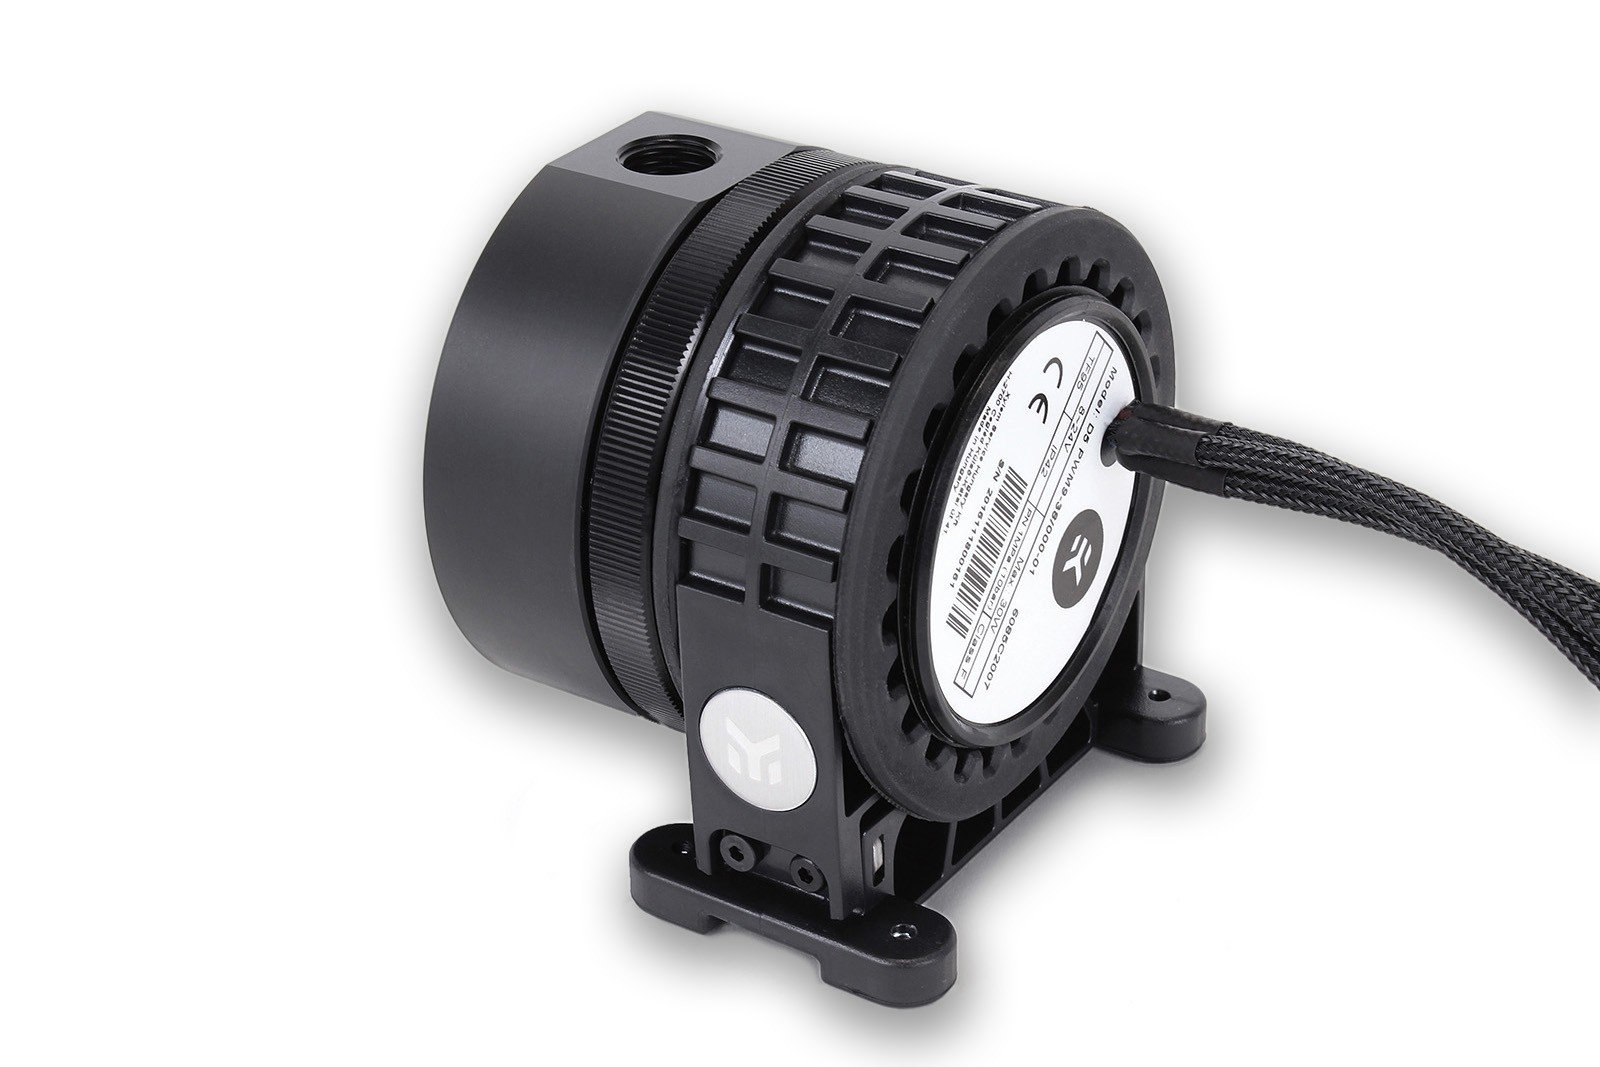 EKWB EK-XTOP Revo D5 PWM (incl. sleeved pump), Acetal by EKWB (Image #1)